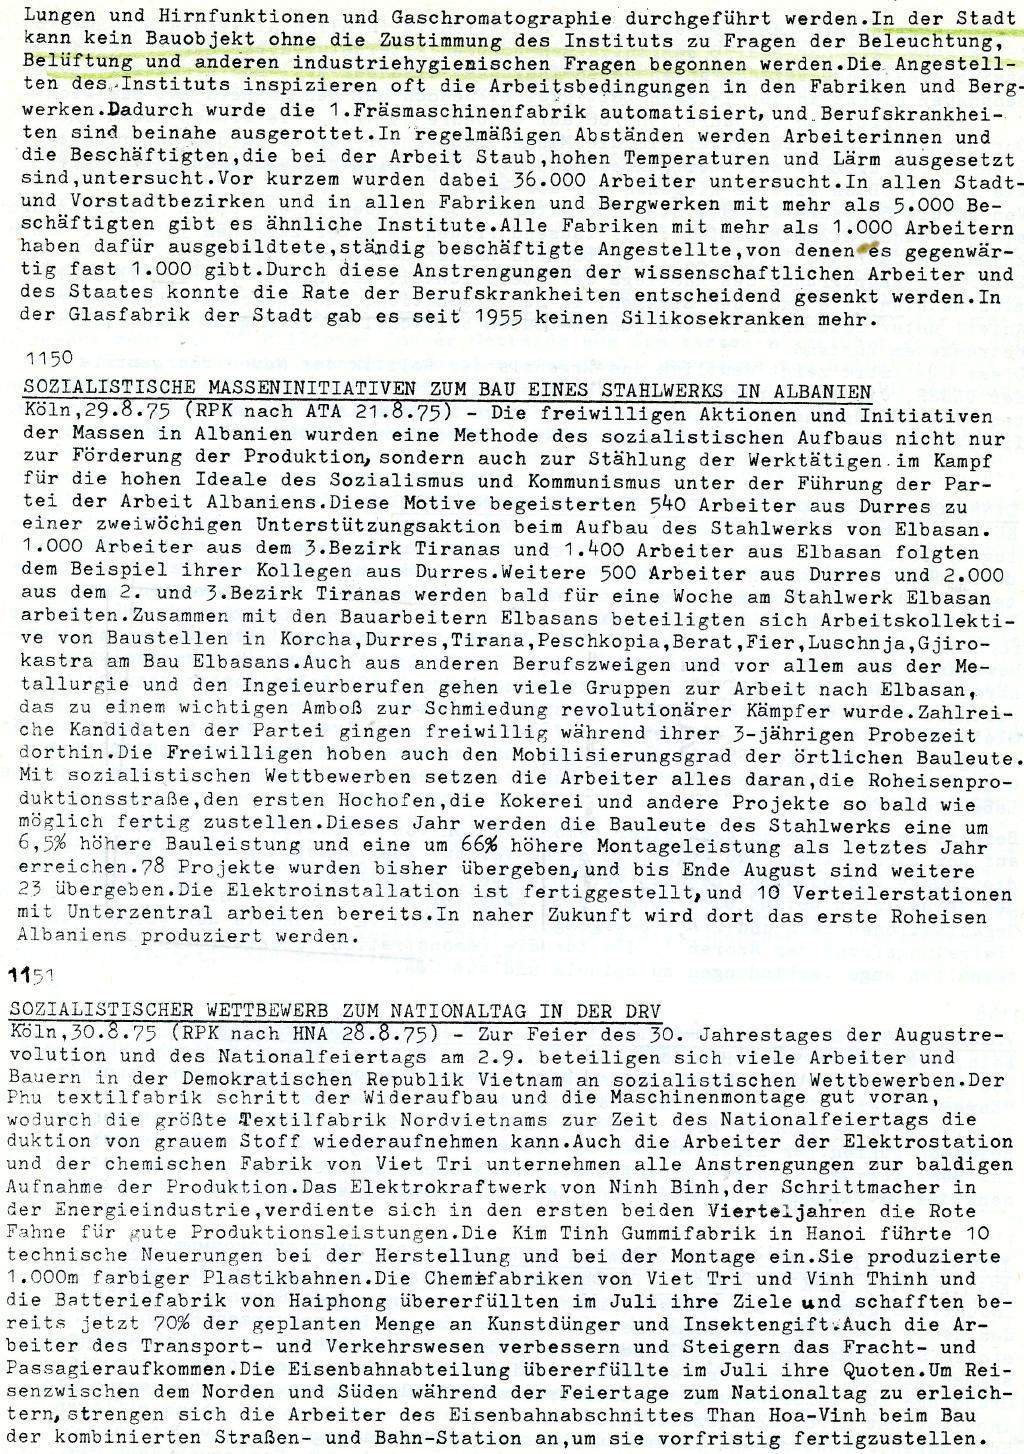 RPK_Pressedienst_1975_41_14